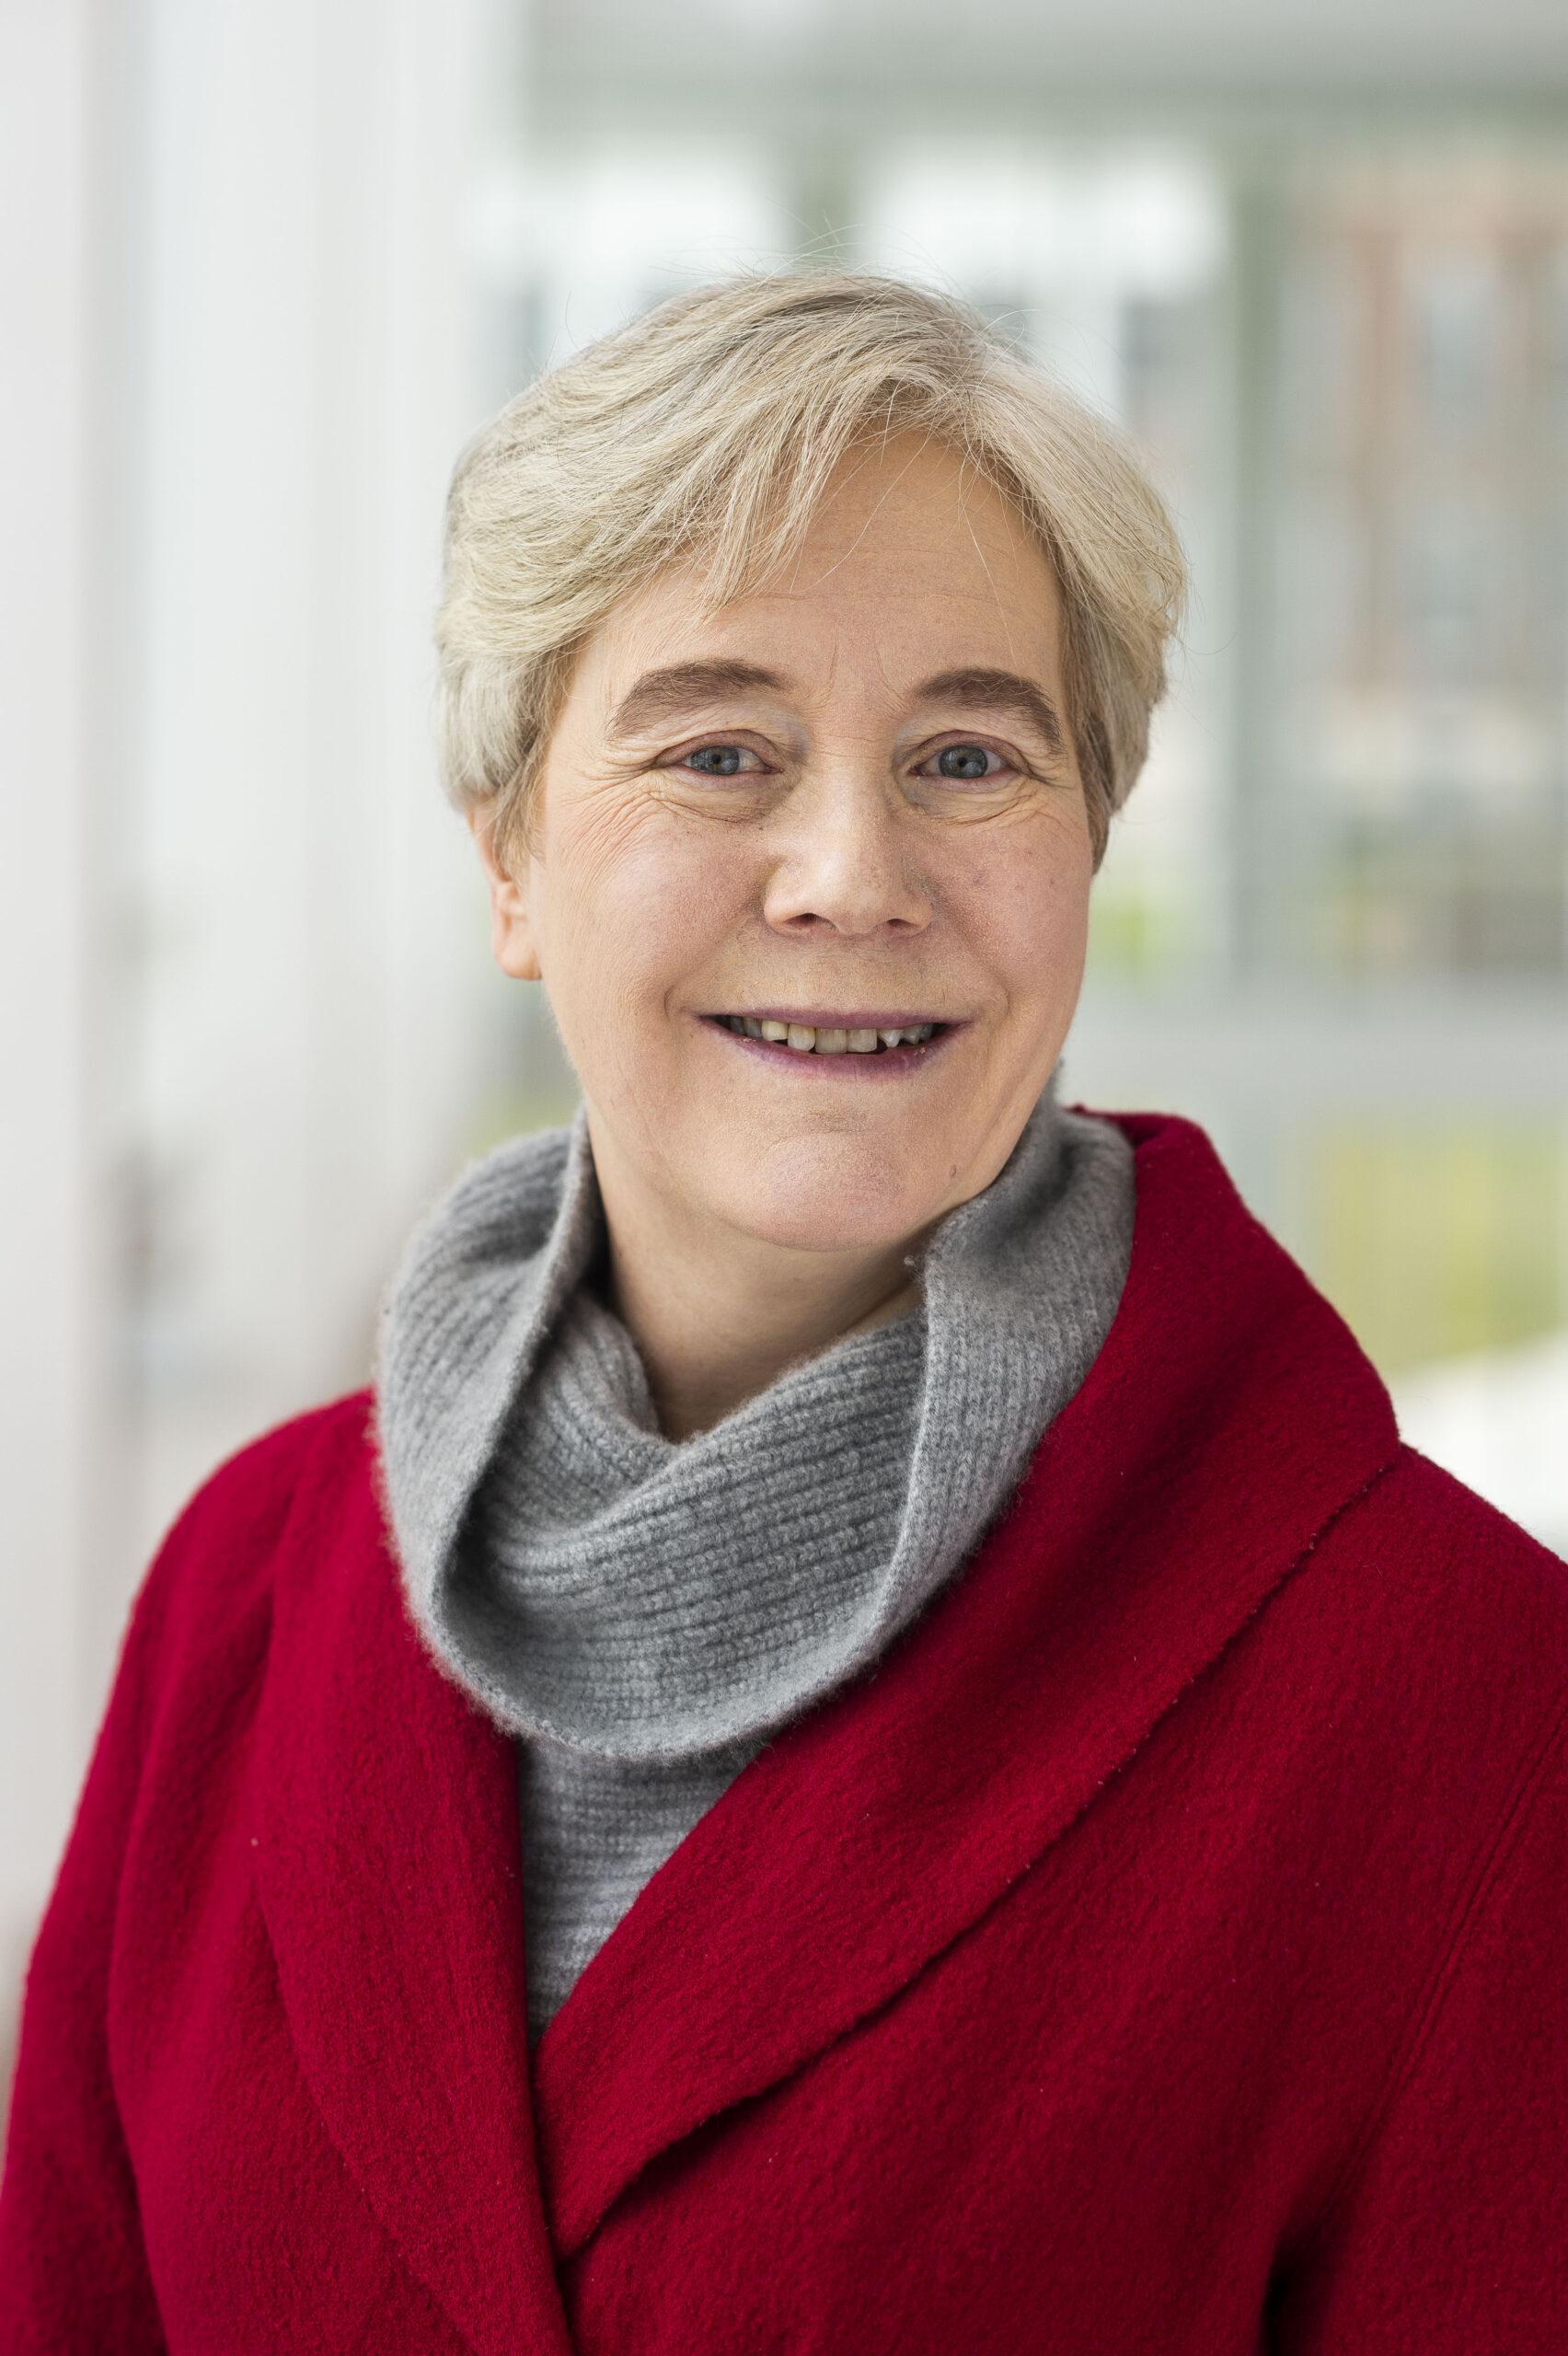 Dr. Ellen Williams smiles in a red blazer